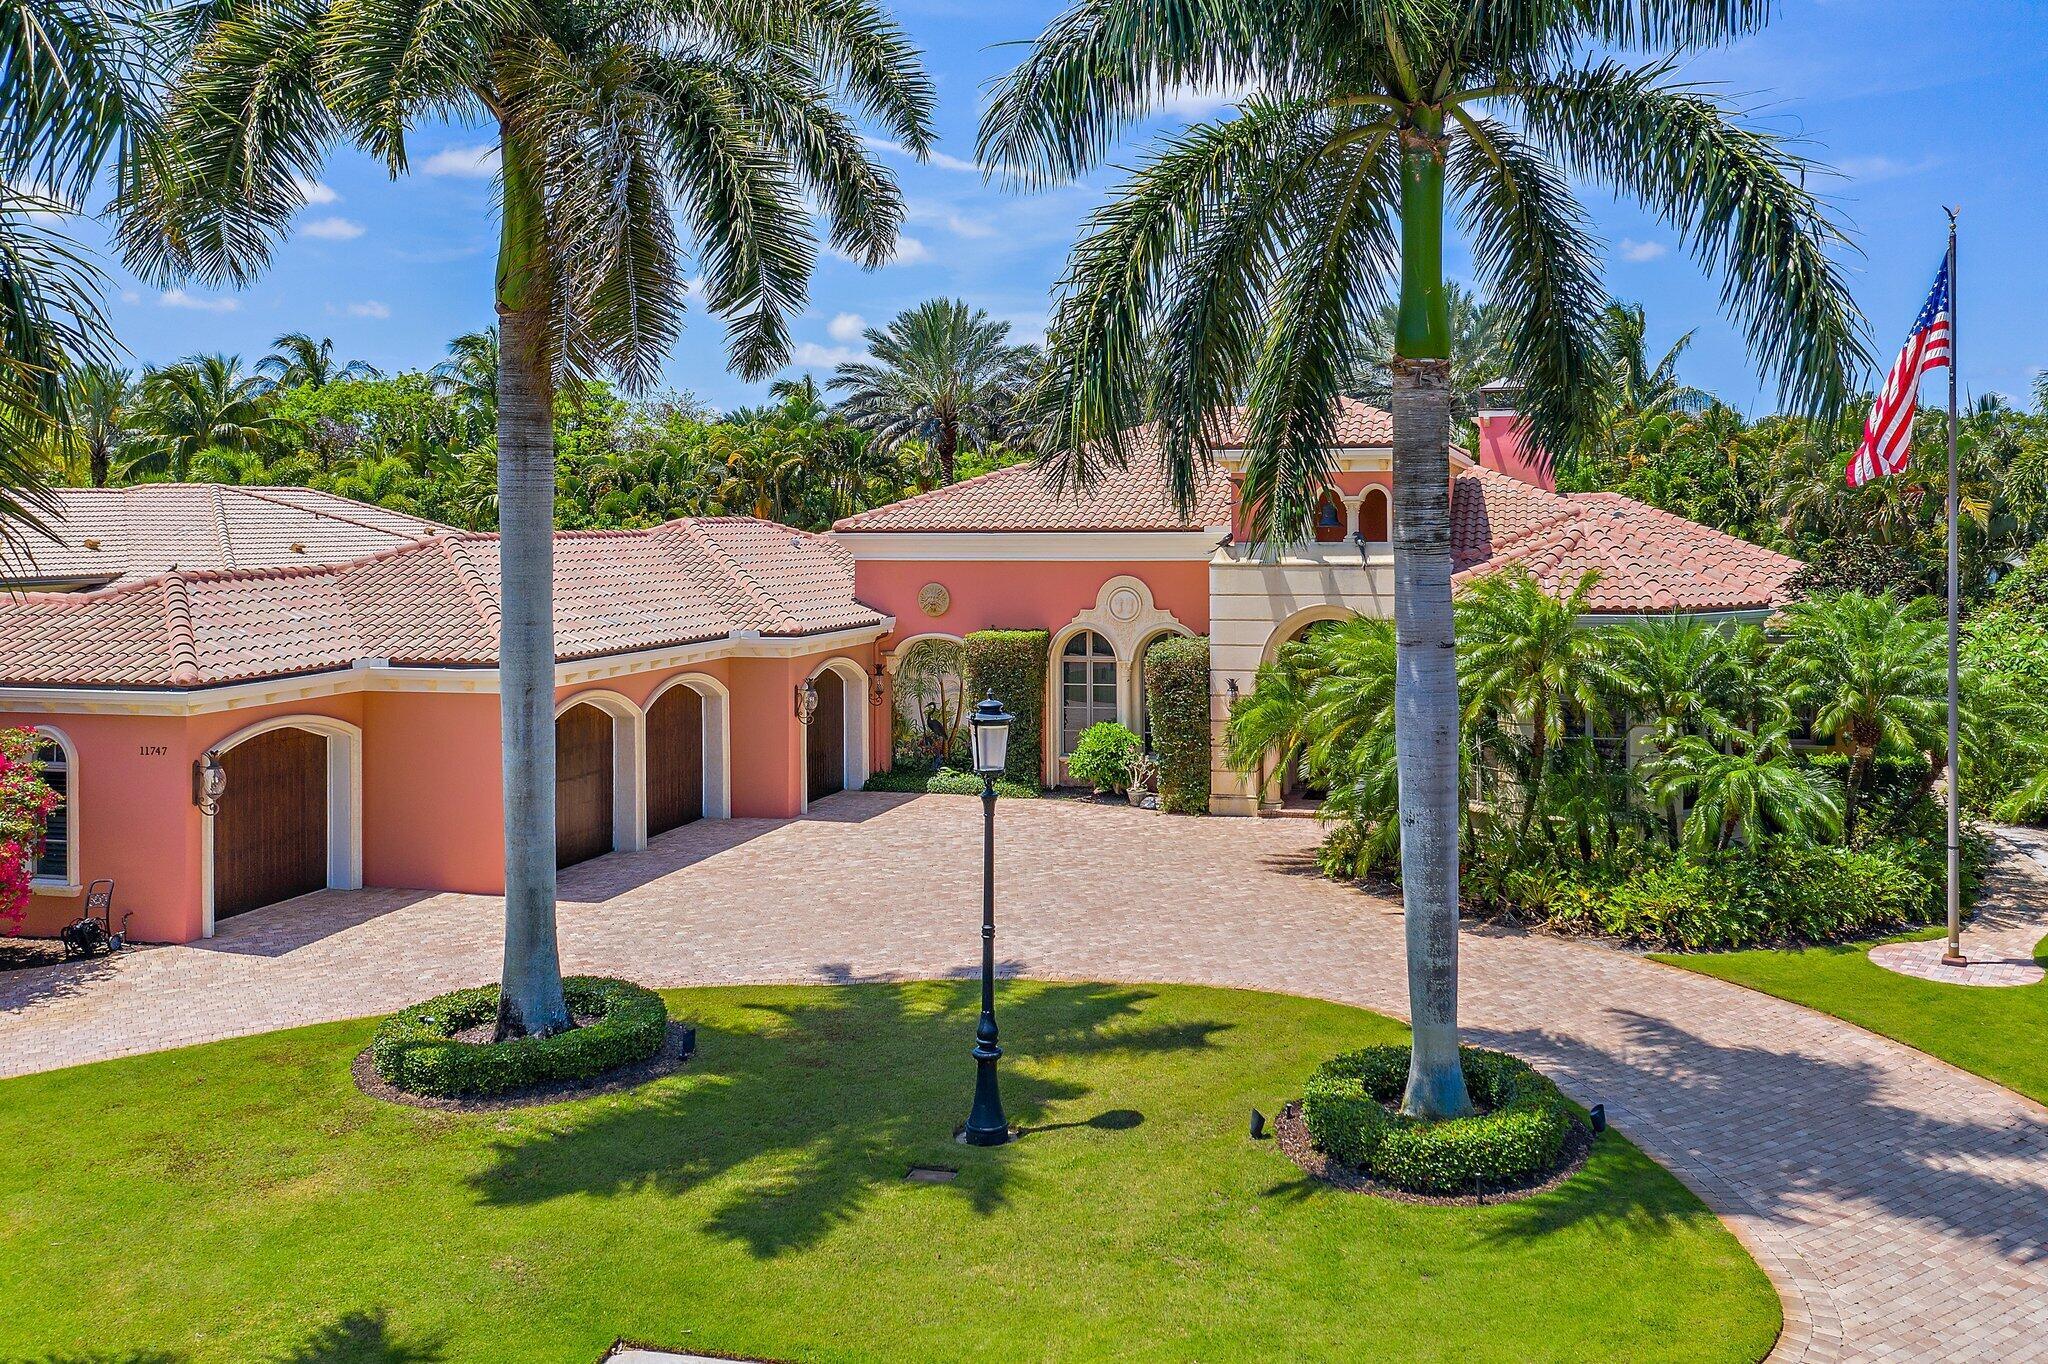 11747  Belladonna Court  For Sale 10719610, FL